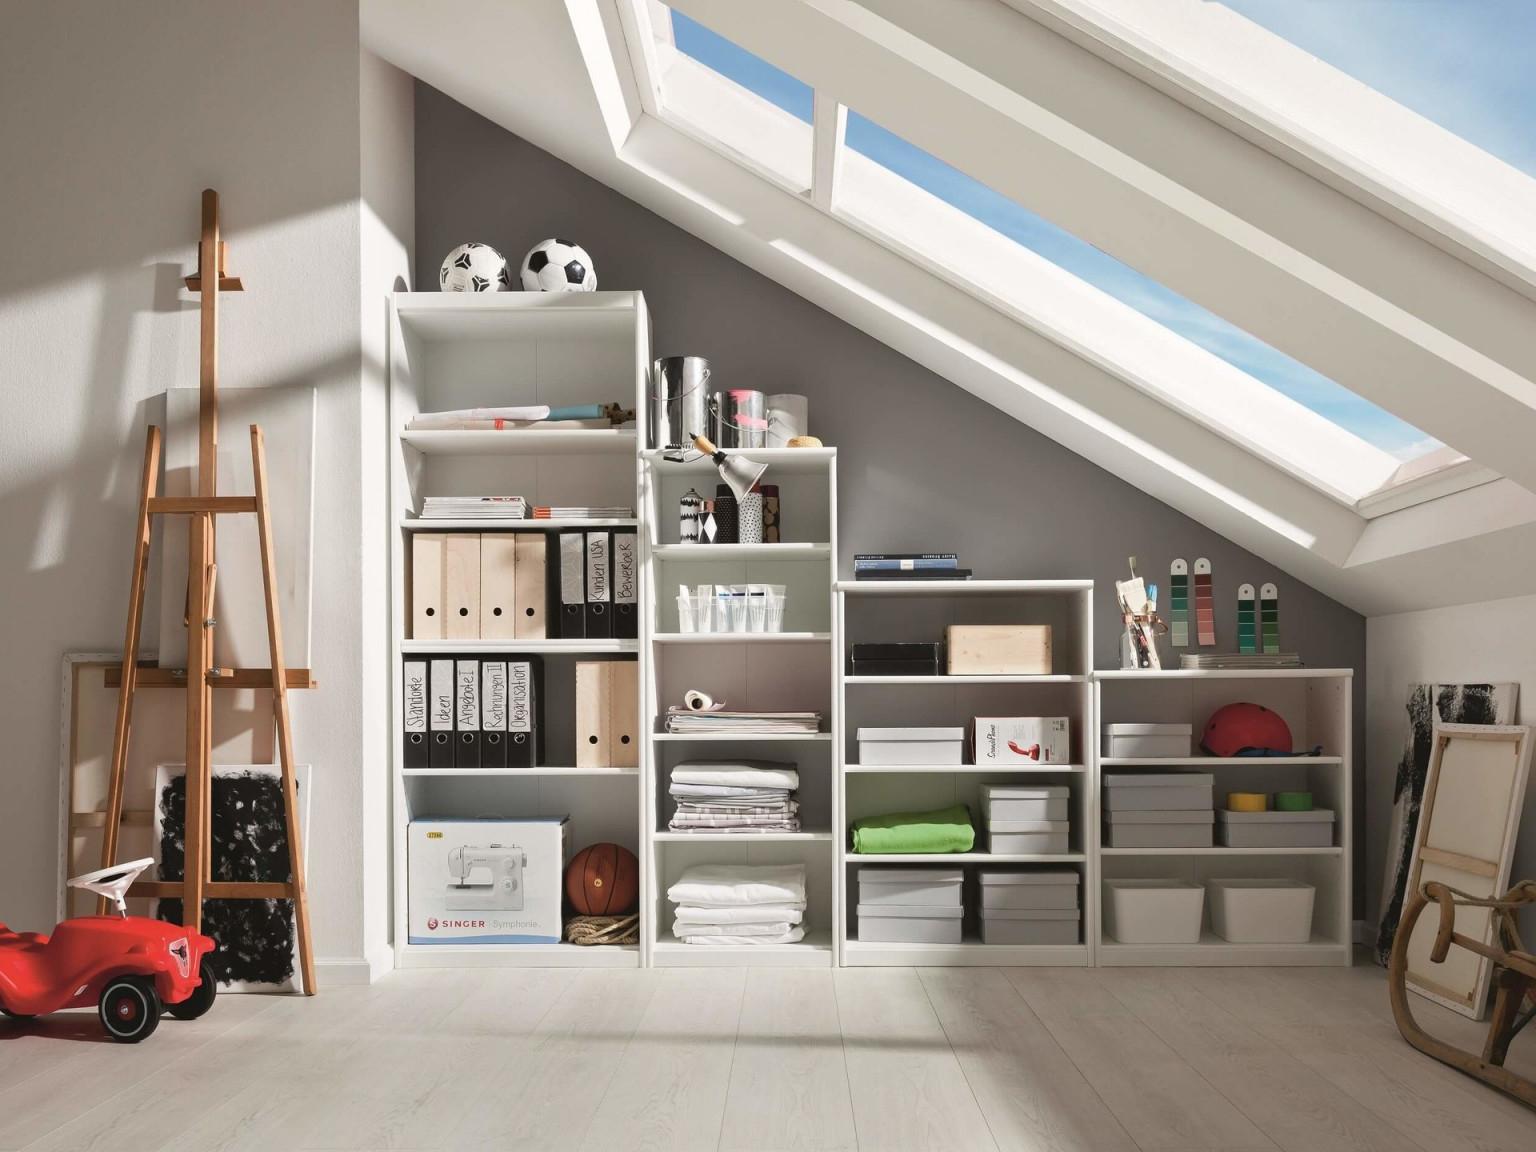 Wohnzimmer Mit Dachschräge So Wird Es Hell Praktisch Und von Wohnzimmer Dachschräge Einrichten Photo